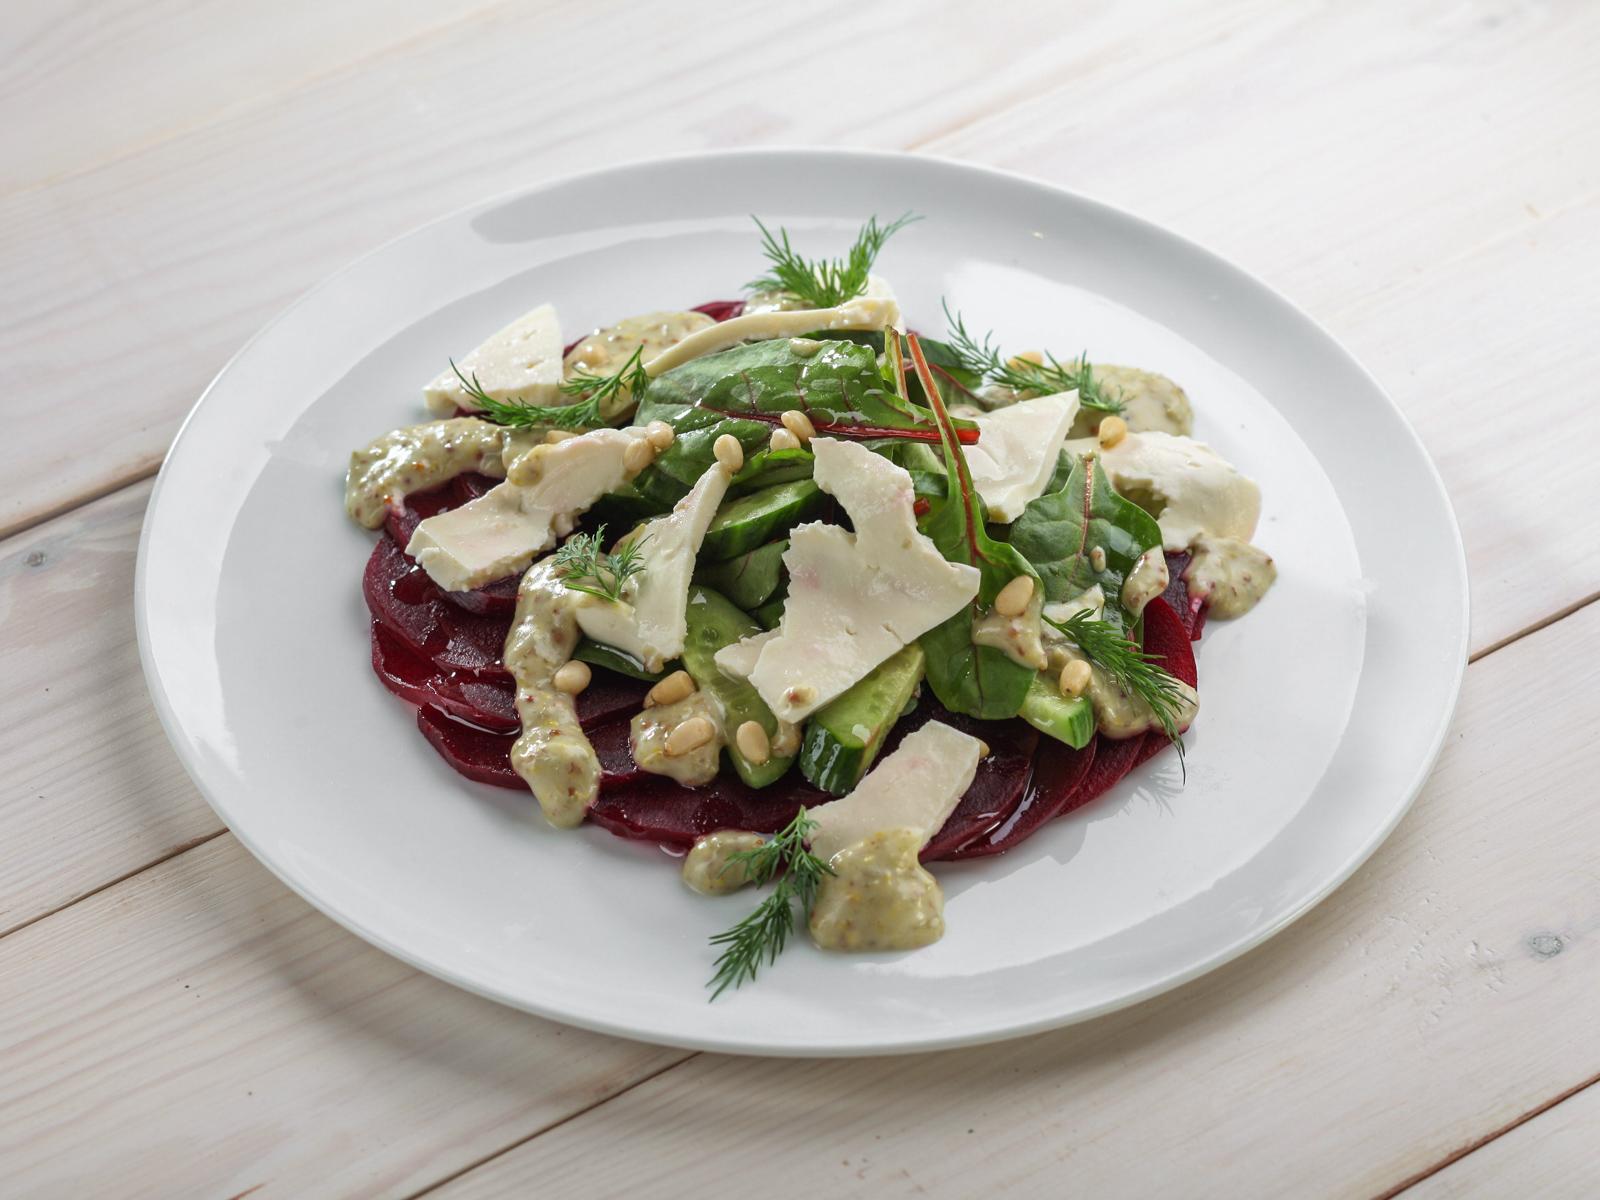 Салат с печеной свеклой и домашним сыром